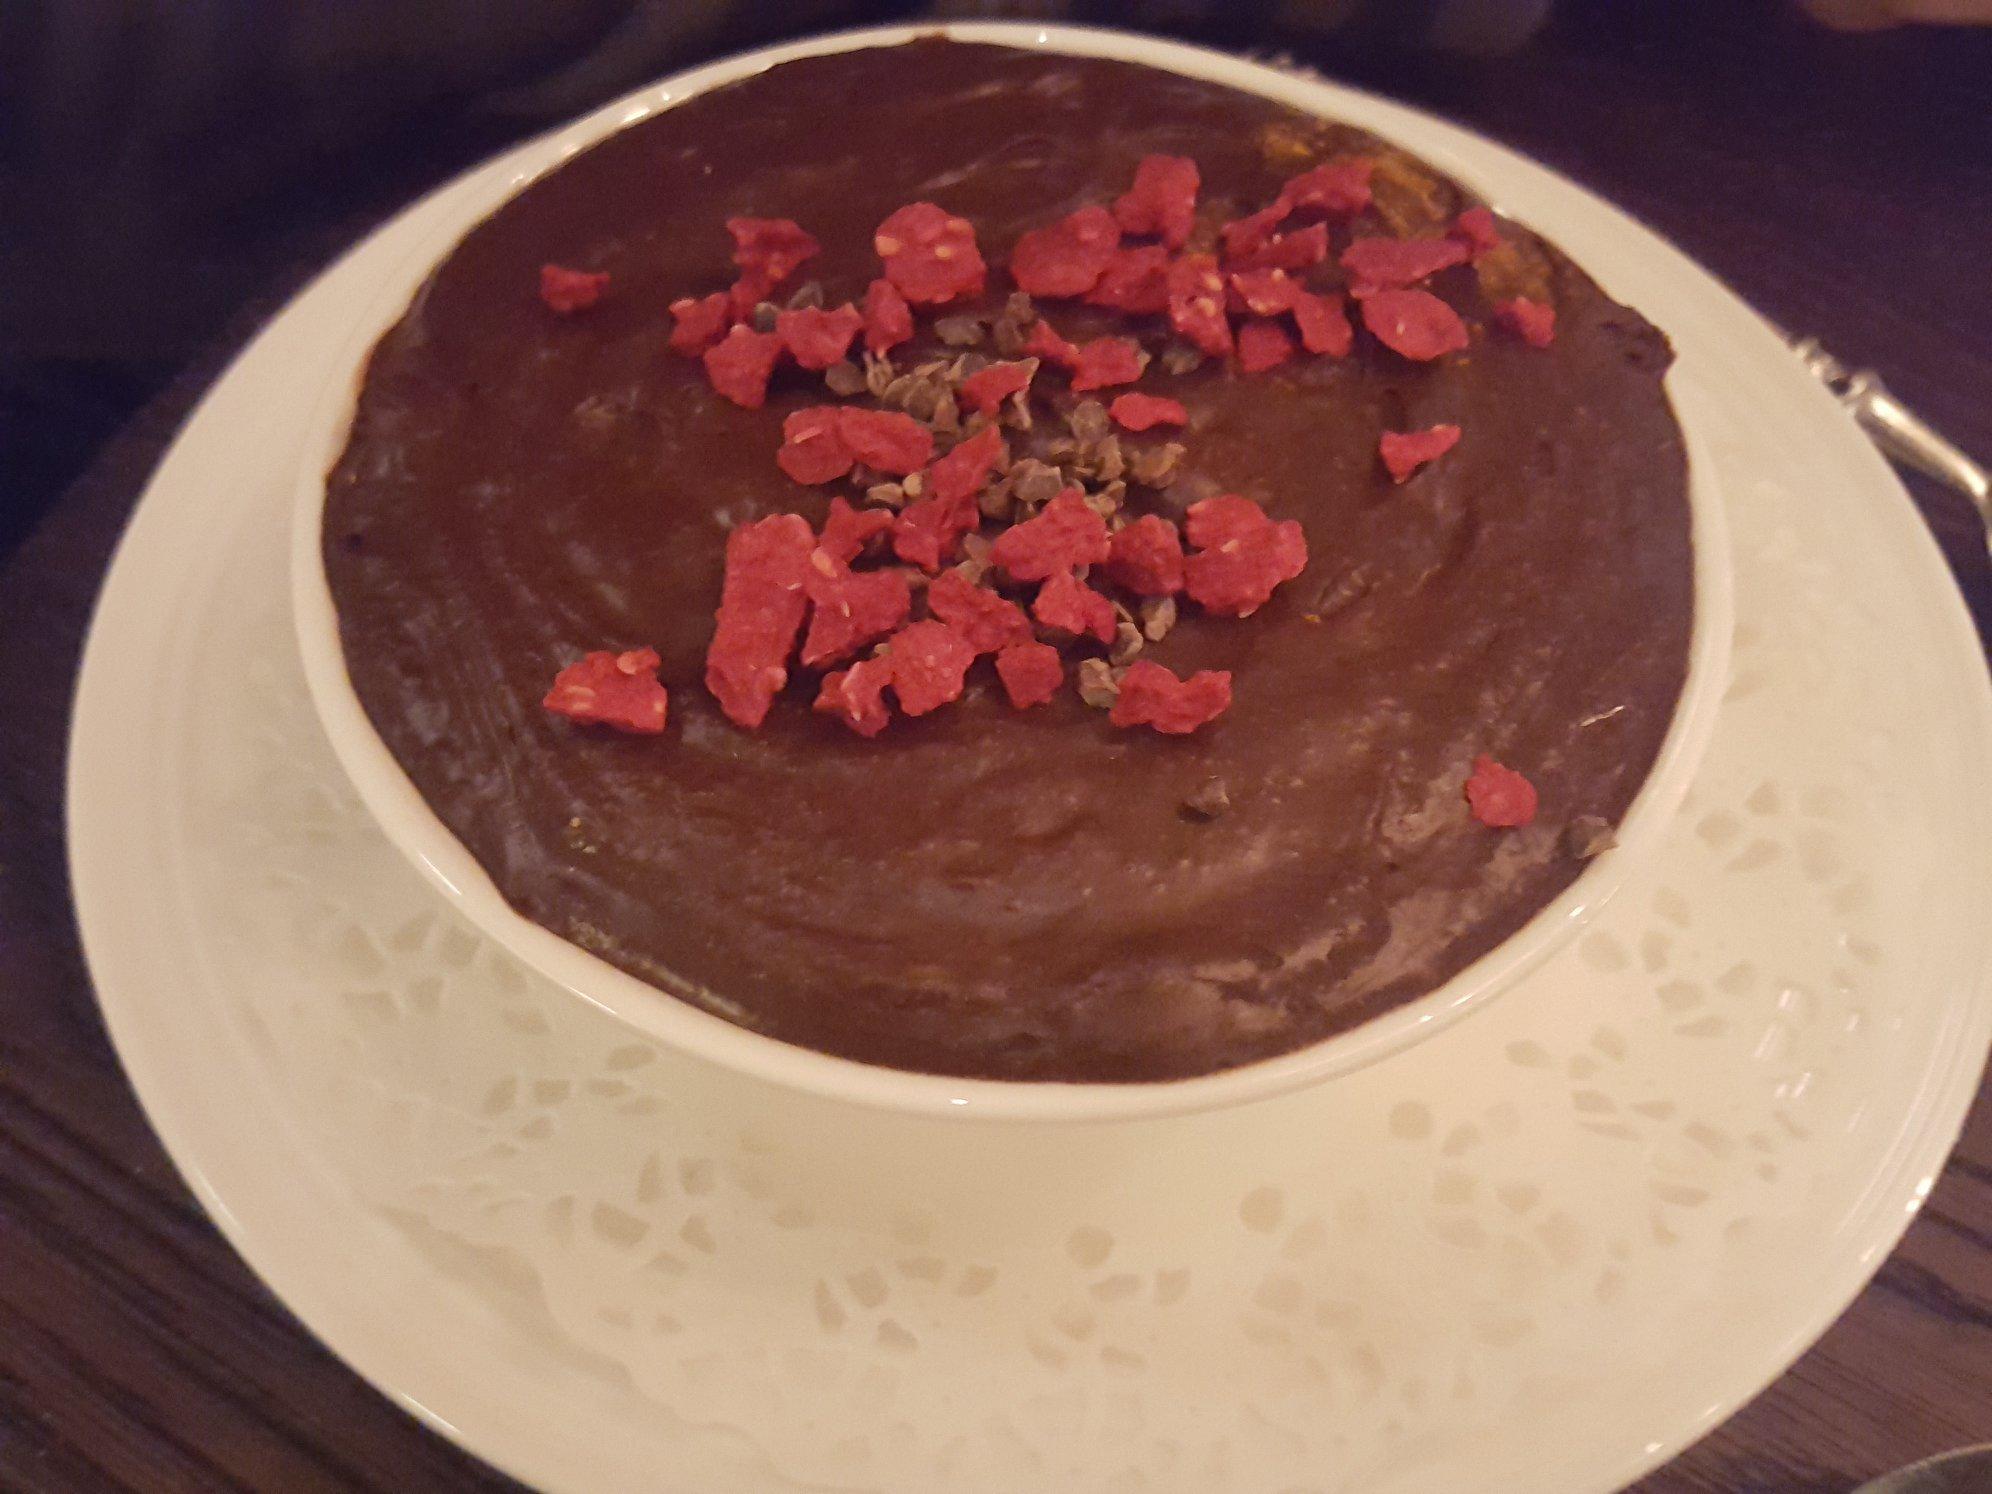 Mousse au chocolat - Le Bar du Bouillon